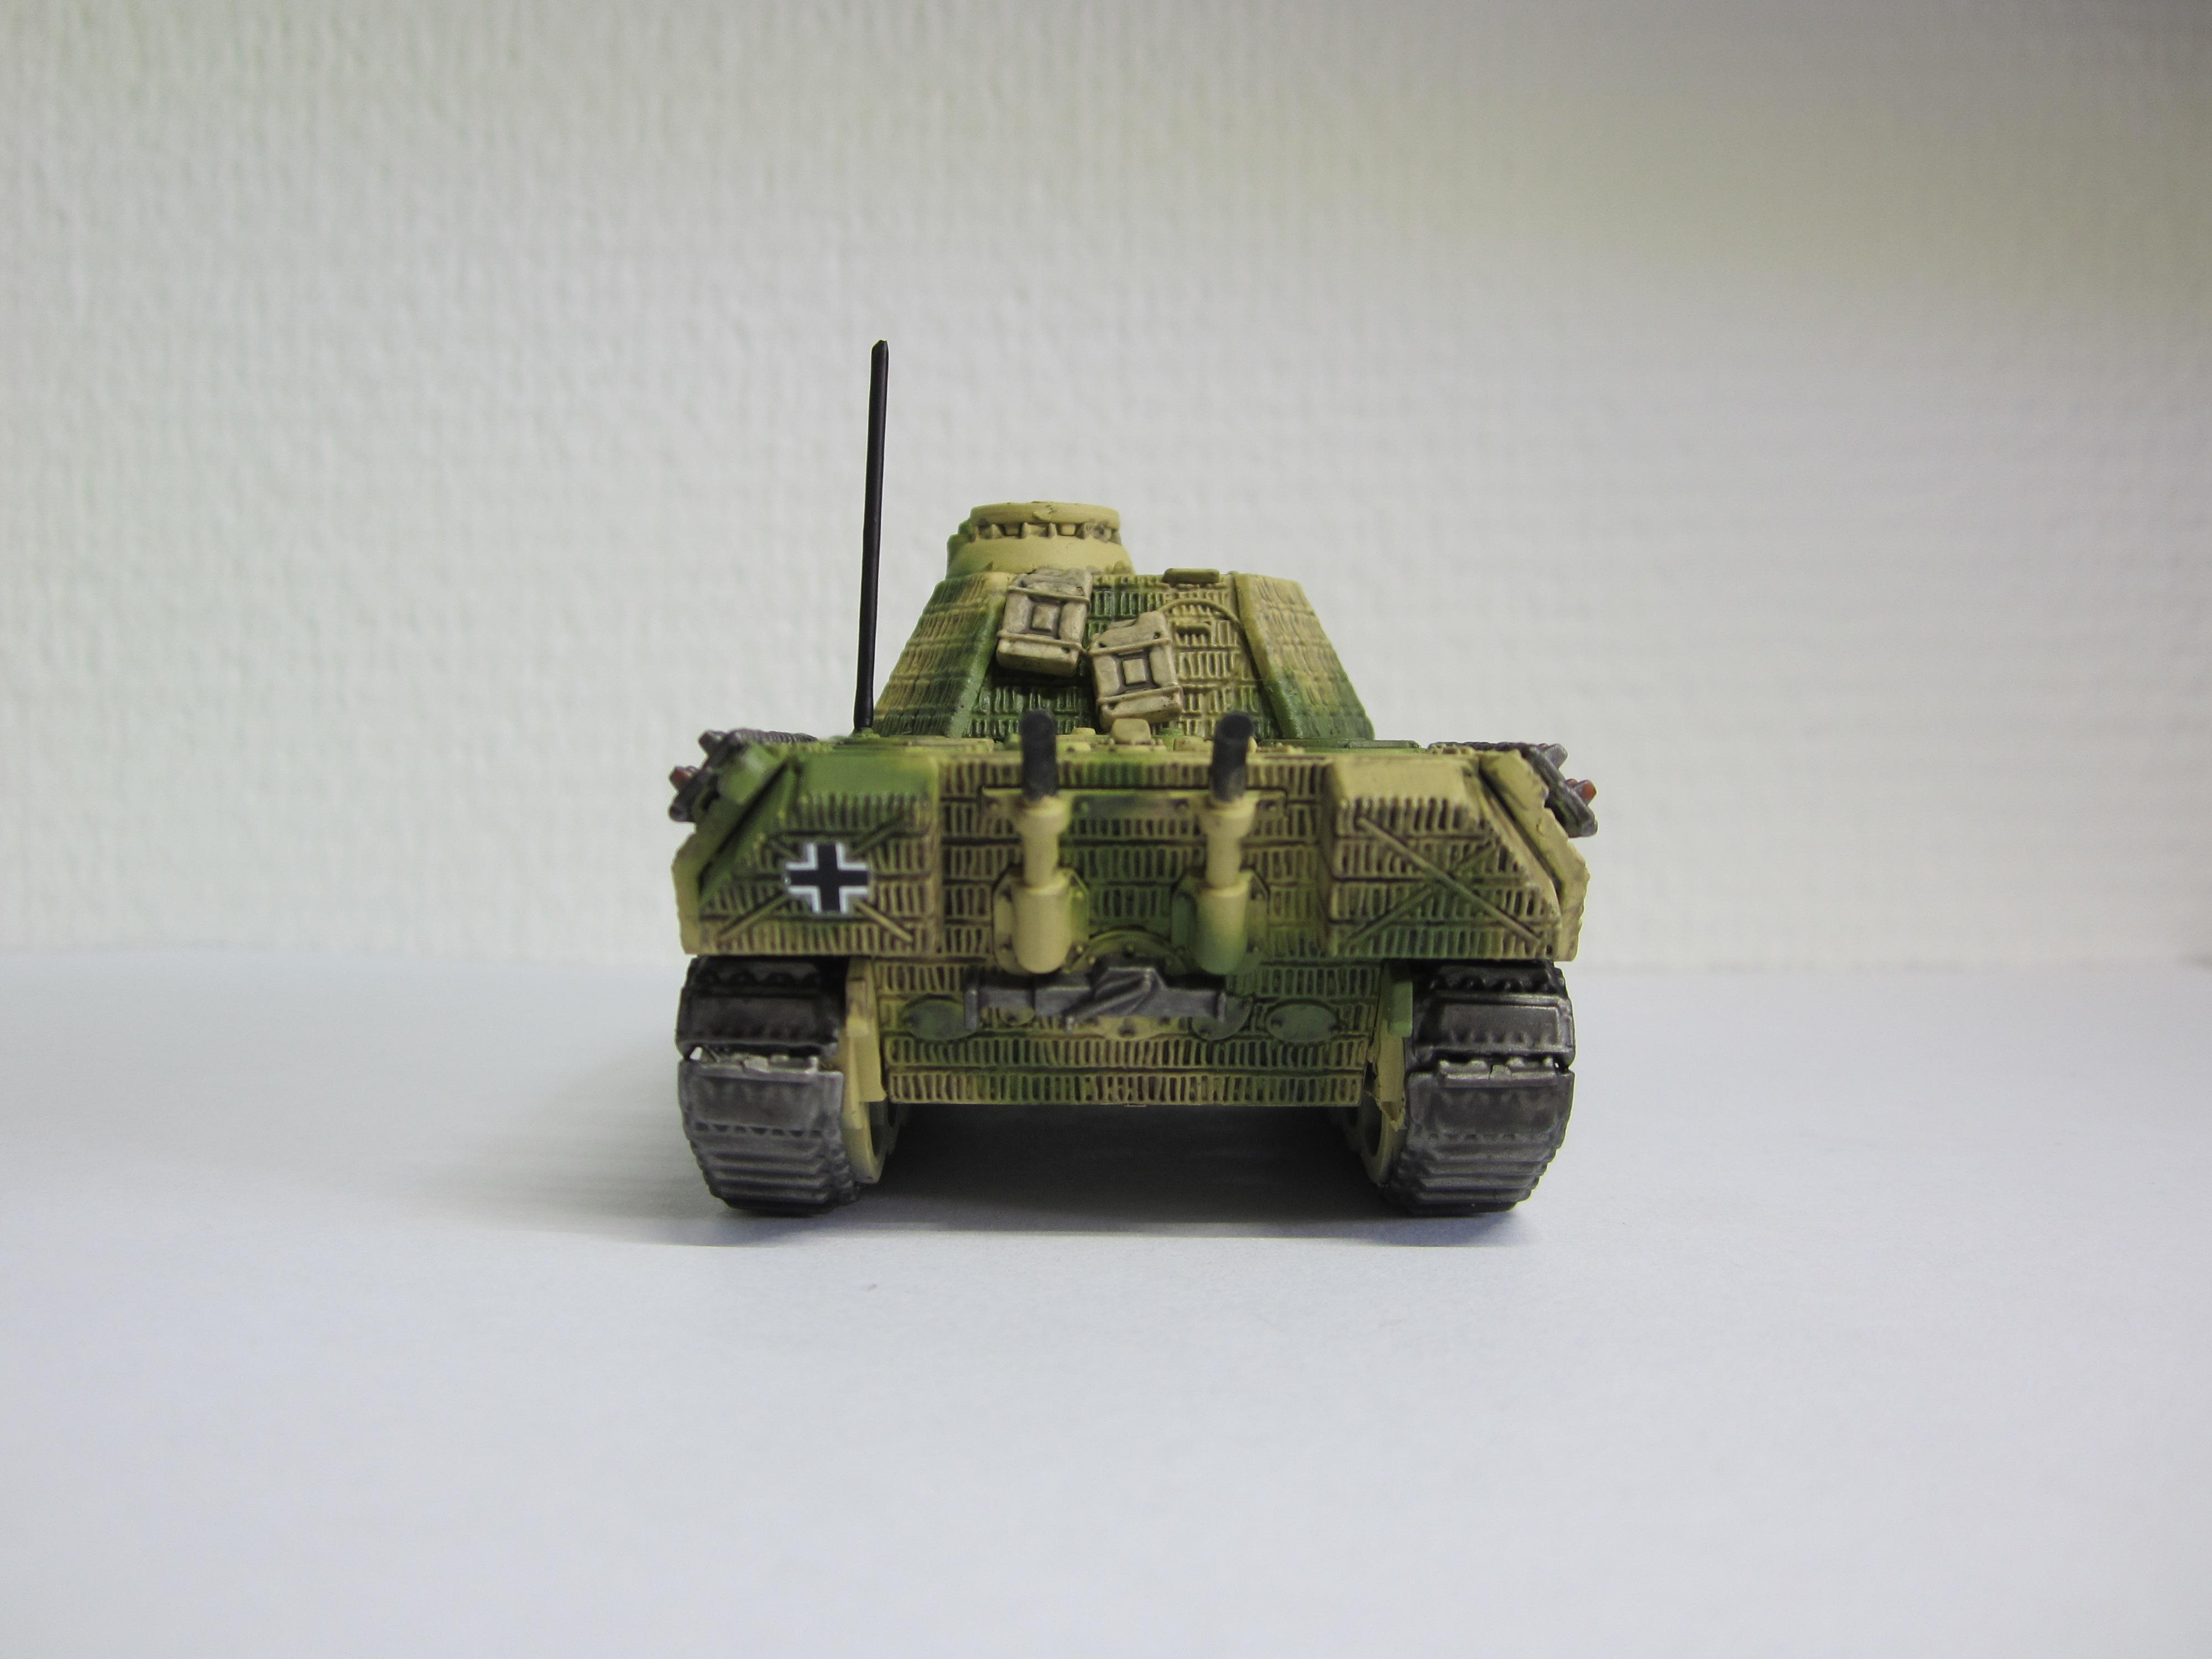 Figuren KöniG's Panzer Lehr Division - Seite 4 Img_3842h5s6o